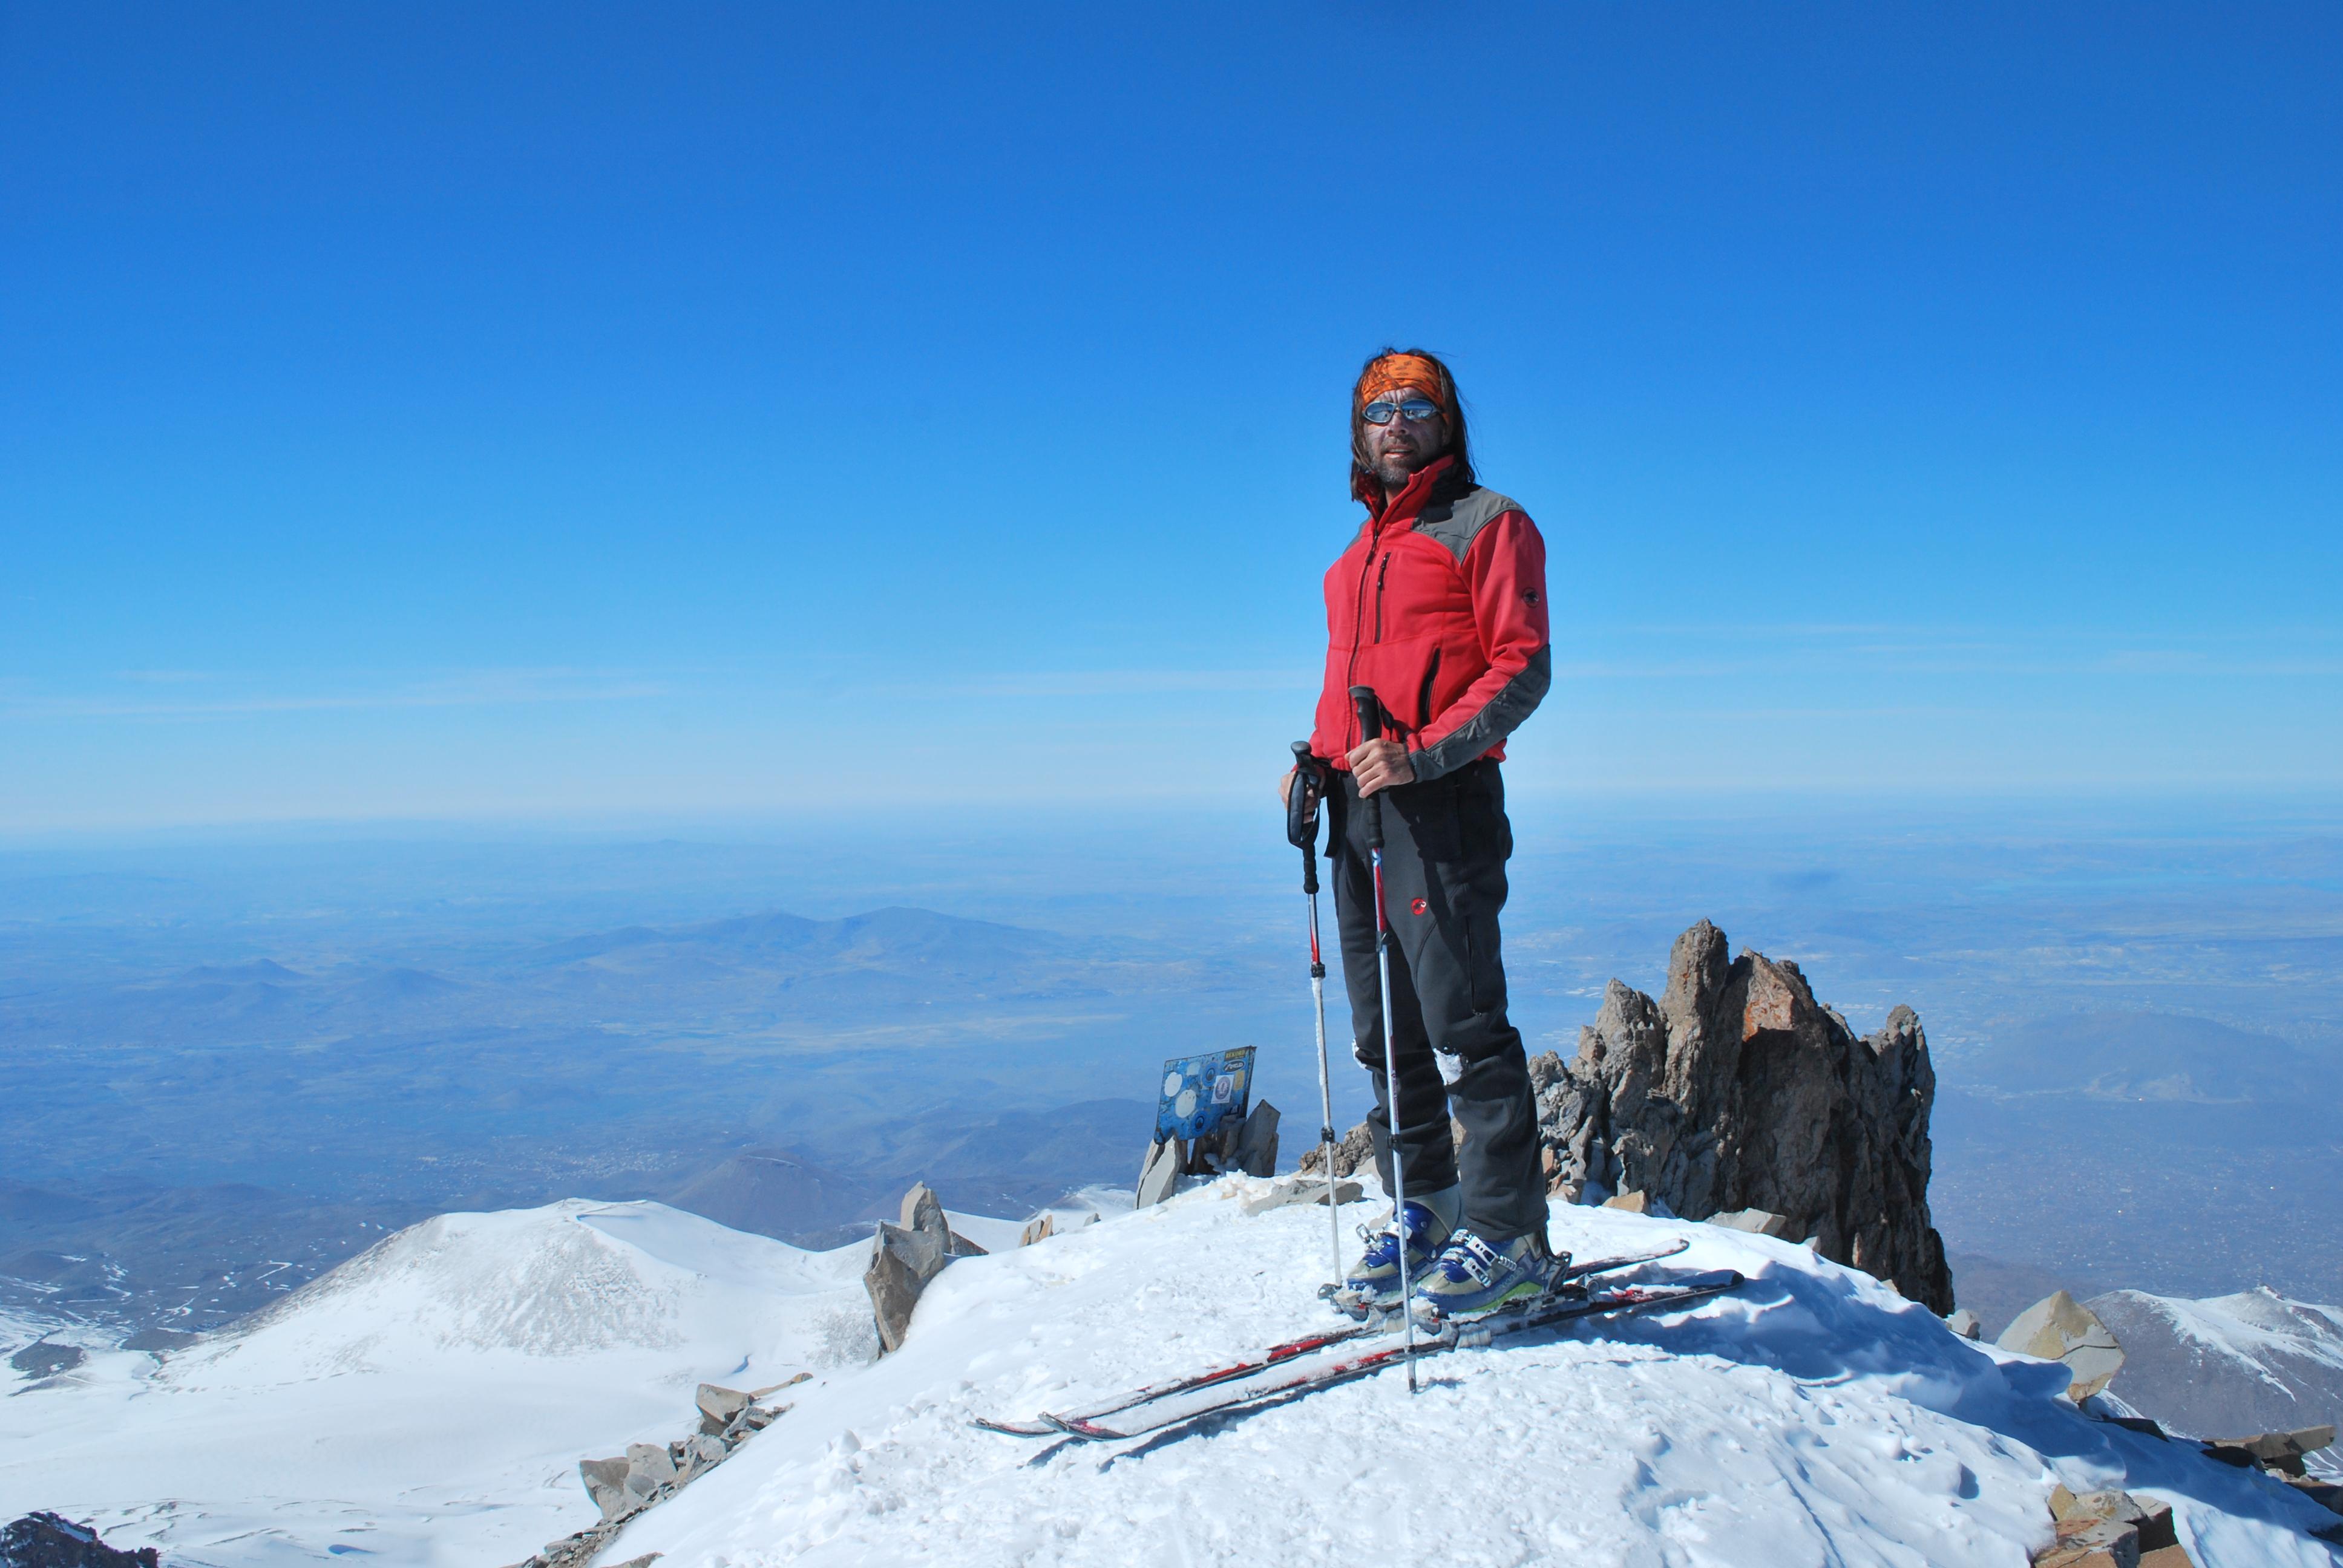 Mt. Erciyes, Erciyes Ski Resort